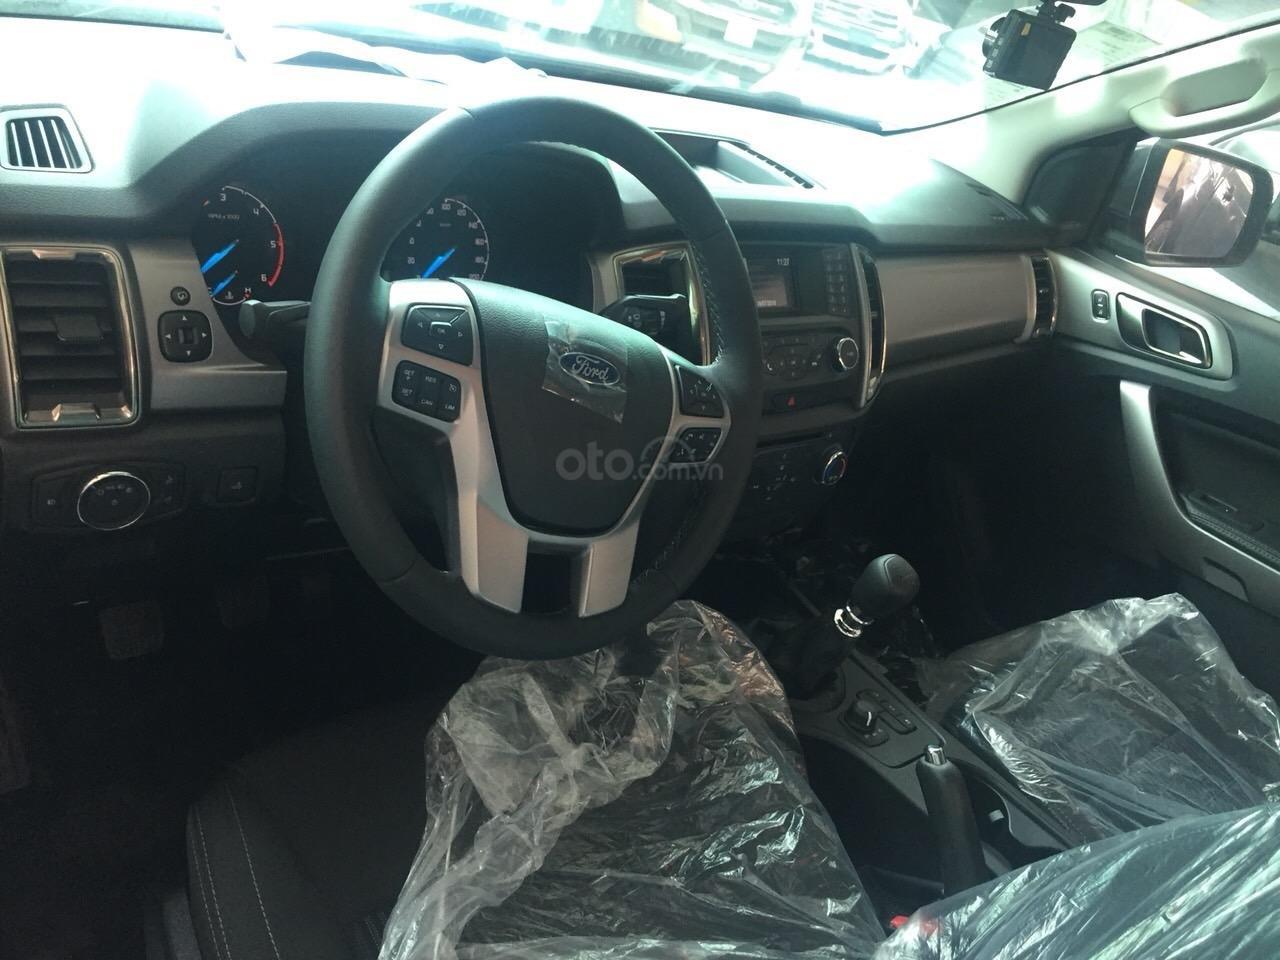 Ford Ranger Wiltrak, XLT, XLS AT, MT mới 100% đủ màu, giao ngay, tặng phụ kiện, hỗ trợ trả góp 90% - LH: 0974.21.9999 (5)